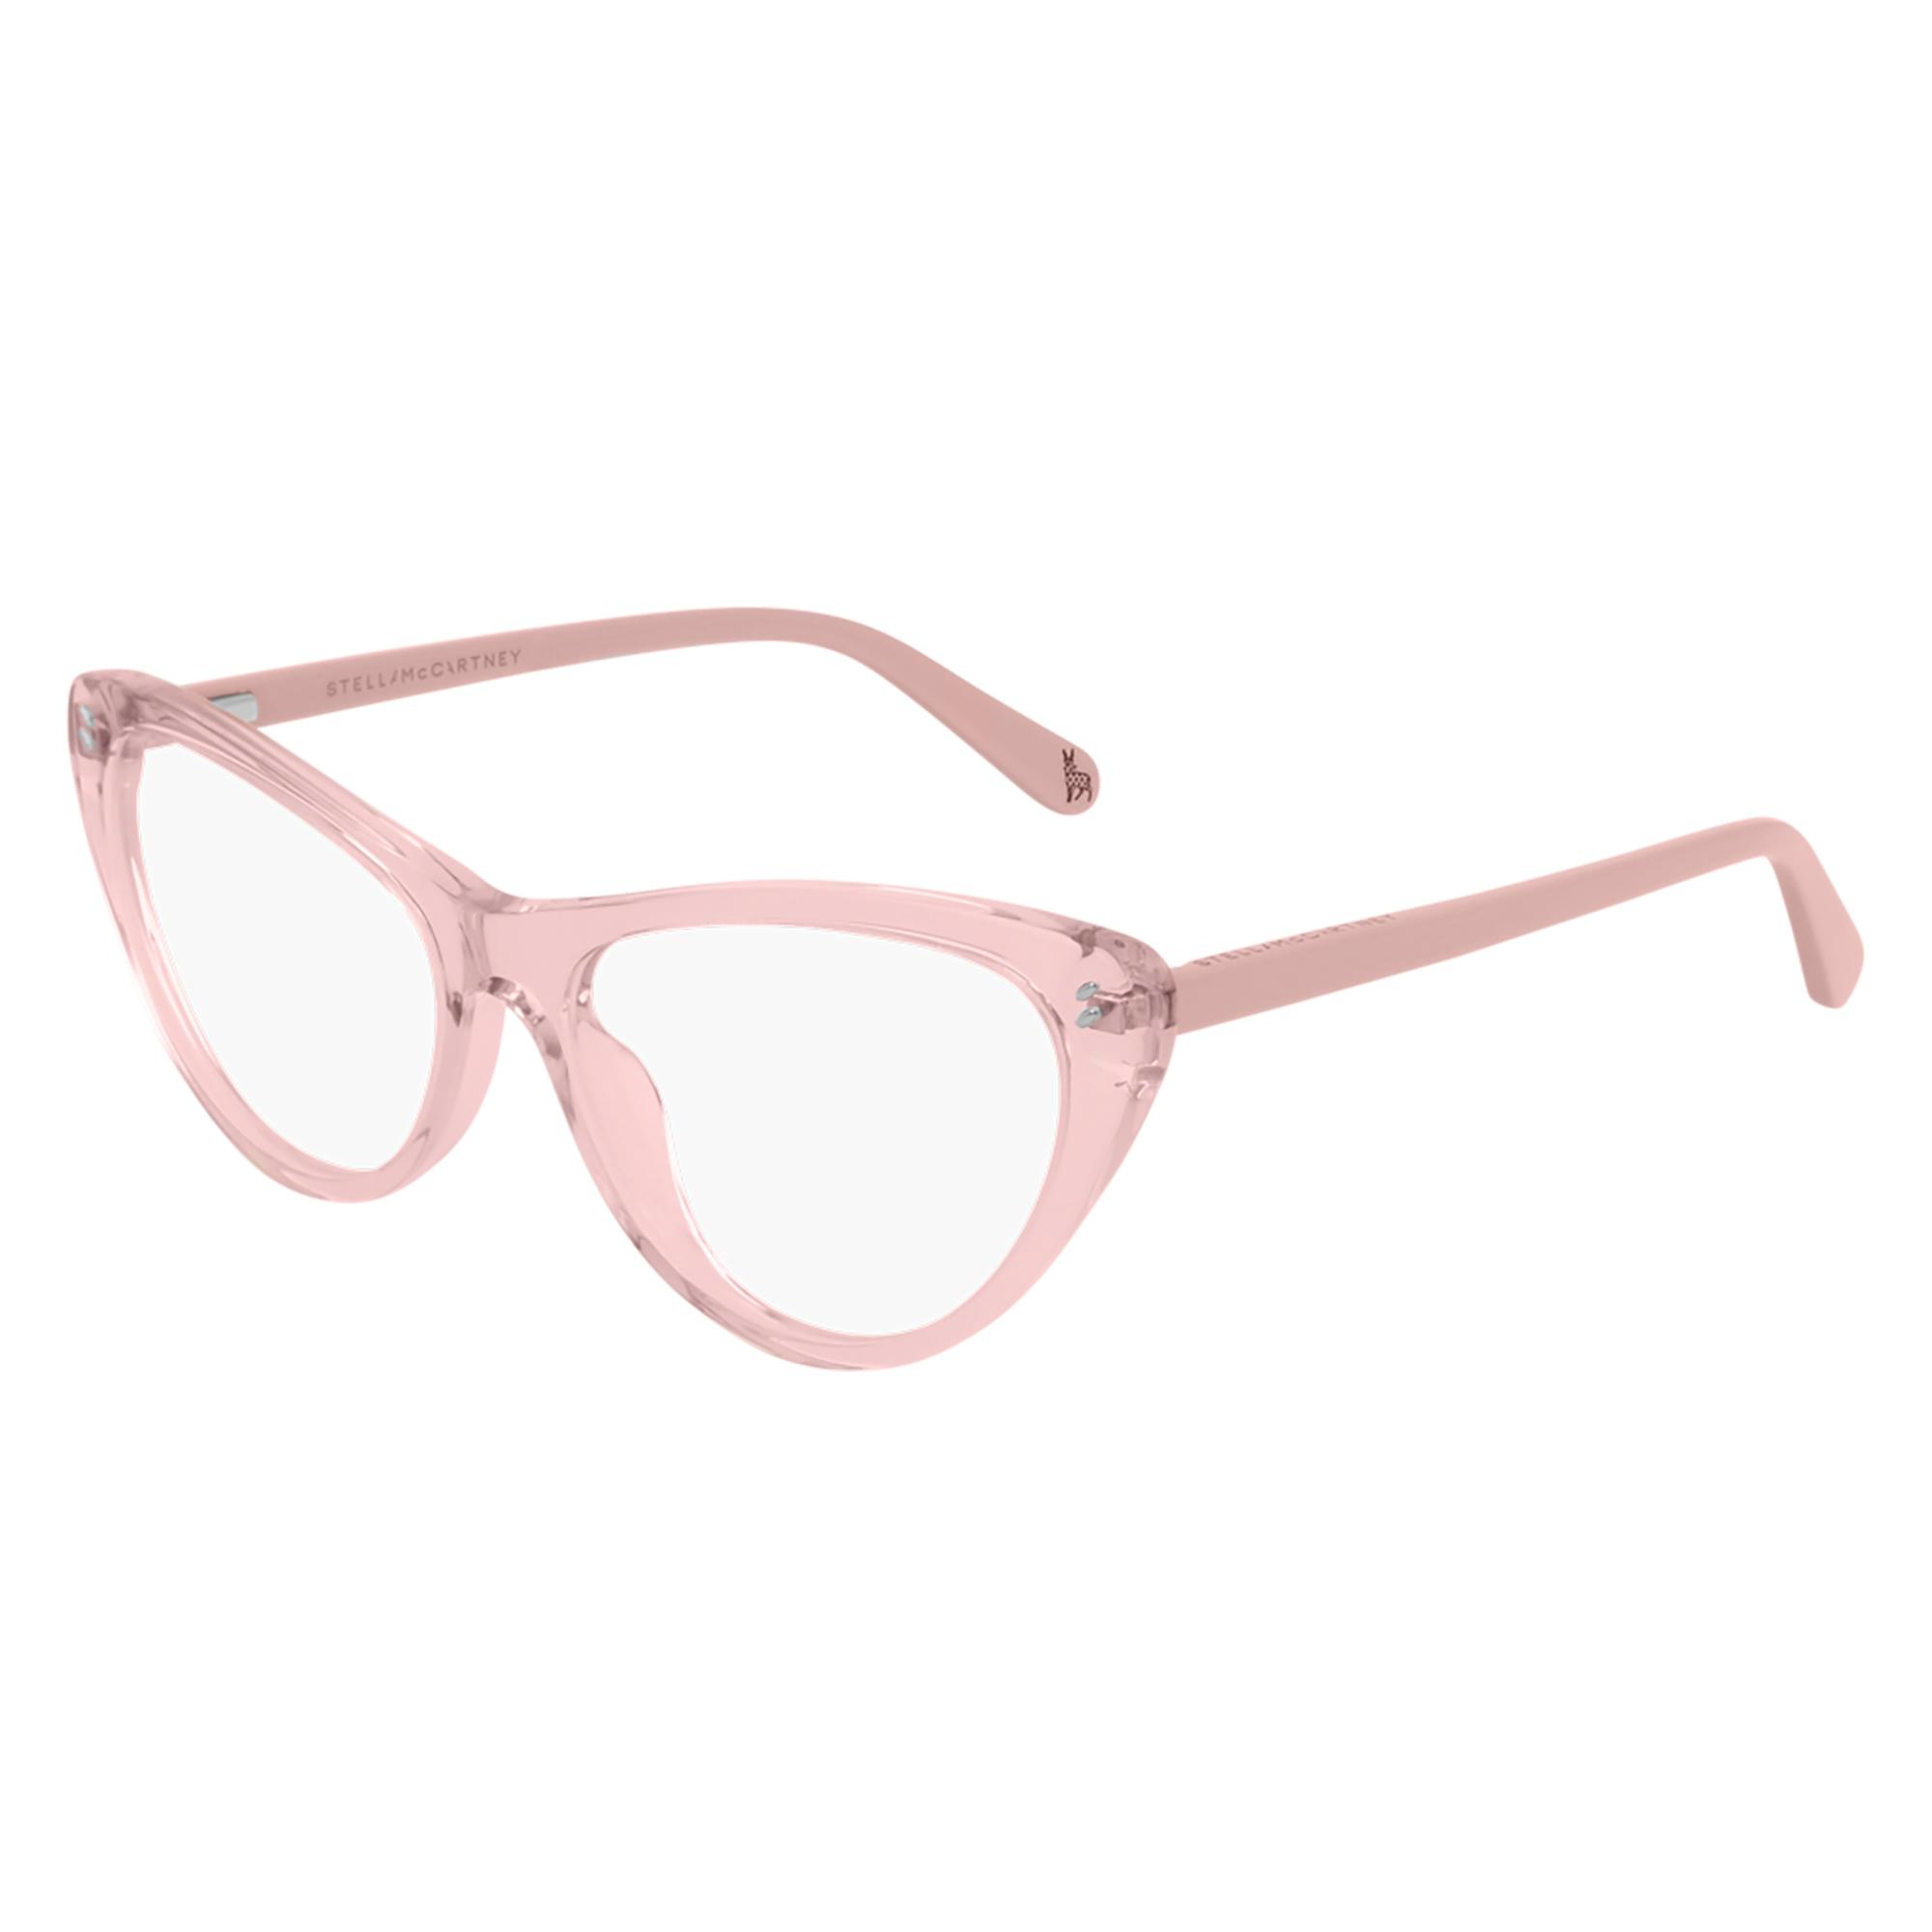 003 pink pink transparent